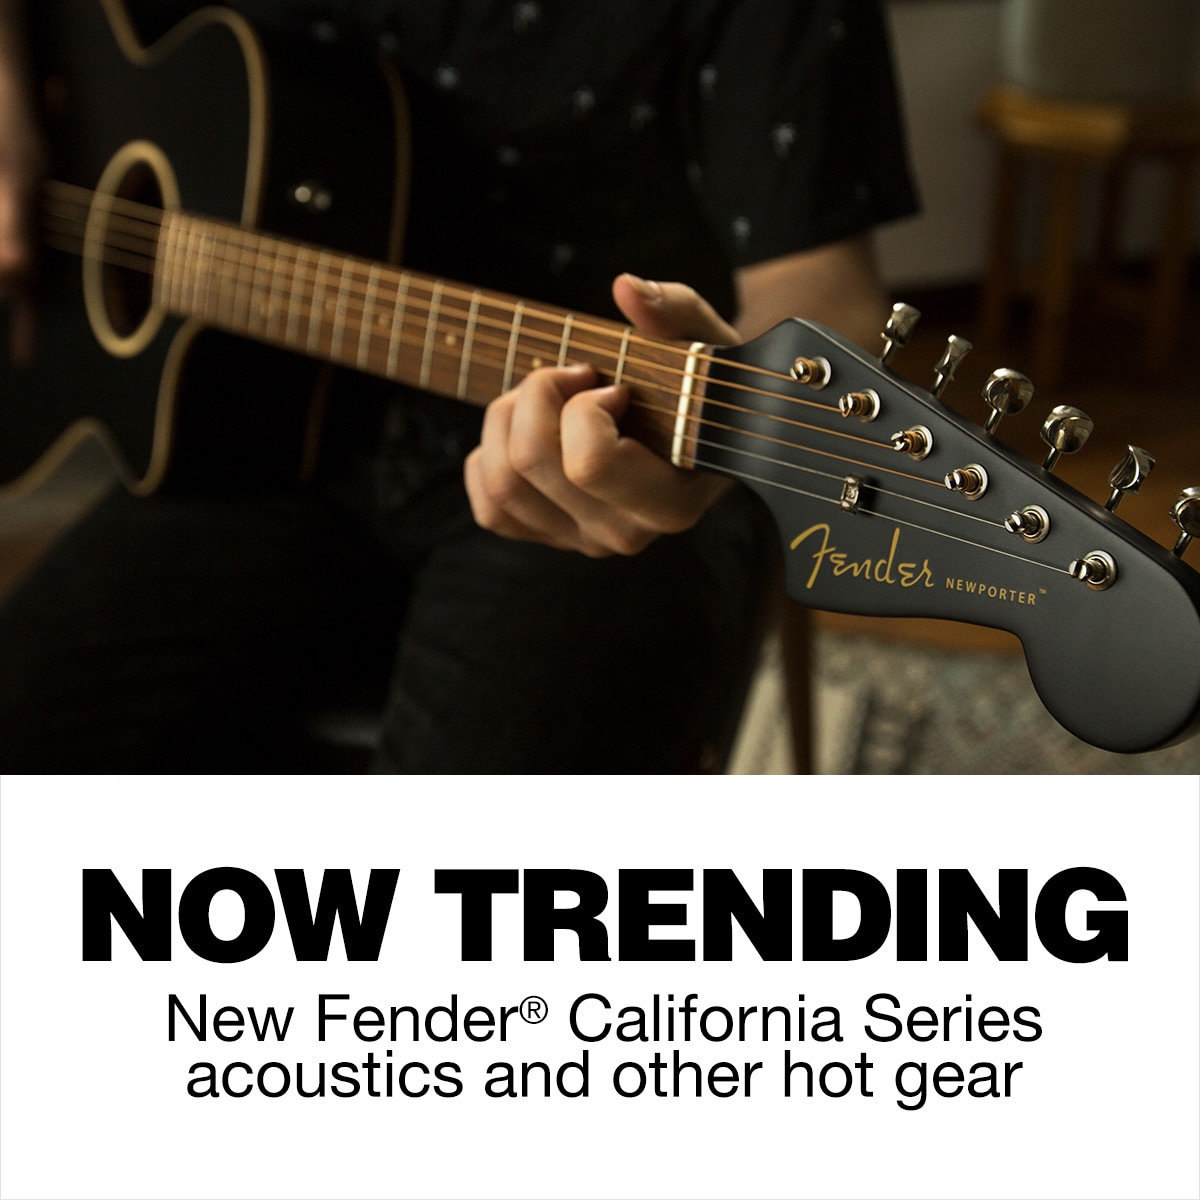 Now Trending